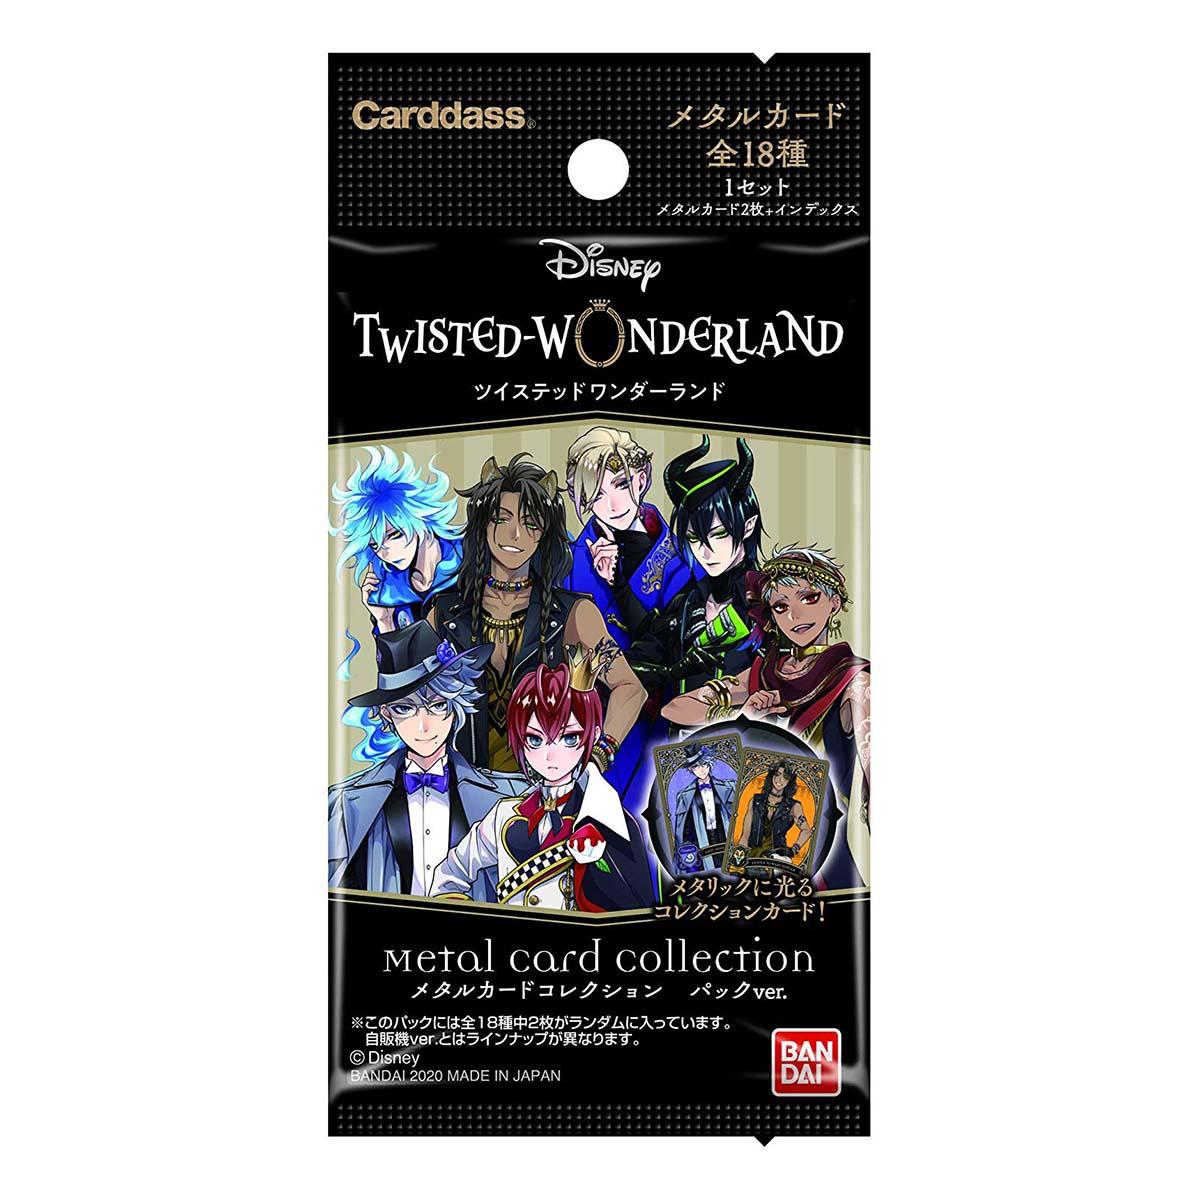 ディズニー ツイステッドワンダーランド『メタルカードコレクション パックver.』20パック入りBOX-020